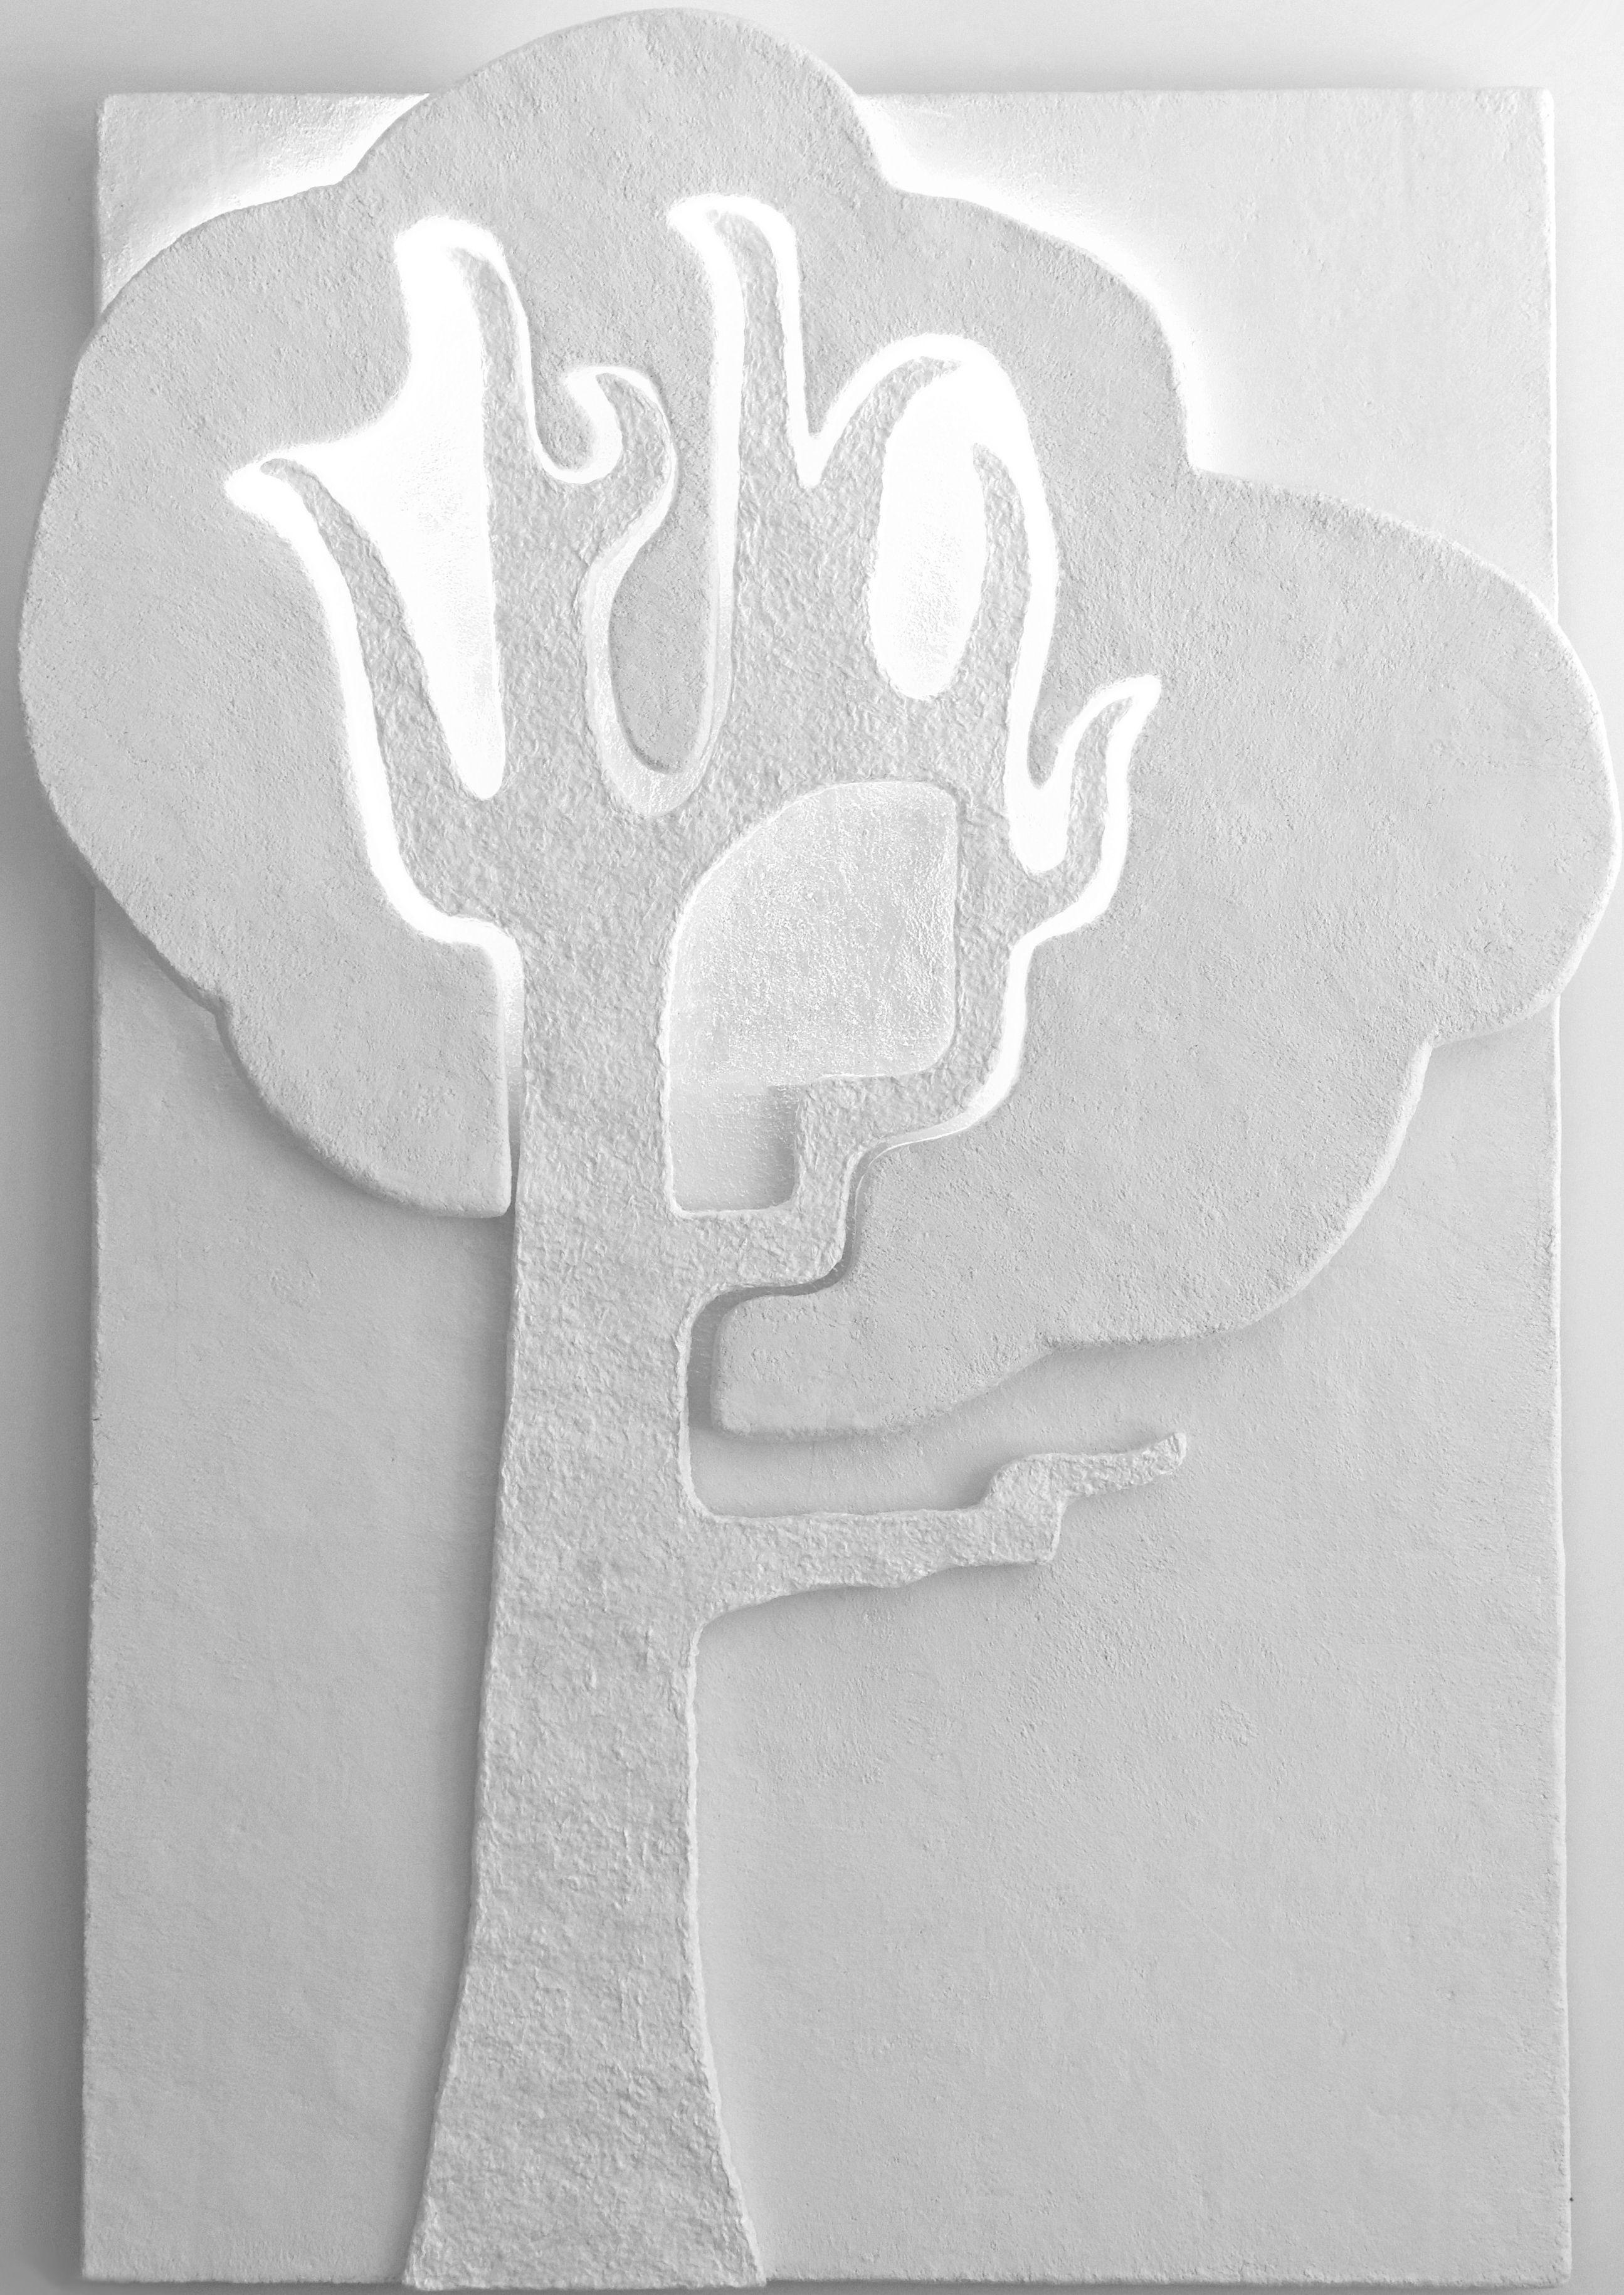 Taideakustointi Sani Miekkala - Tulipuu, akustoiva taideteos, materiaali akustiikkalevy, puuvillakuitumassa, led-valo, 120 x 180 x 6 cm, osasto 7g21 #habitare2015 #design #sisustus #akustointi #taide #akustiikkataulu #messut #helsinki #messukeskus